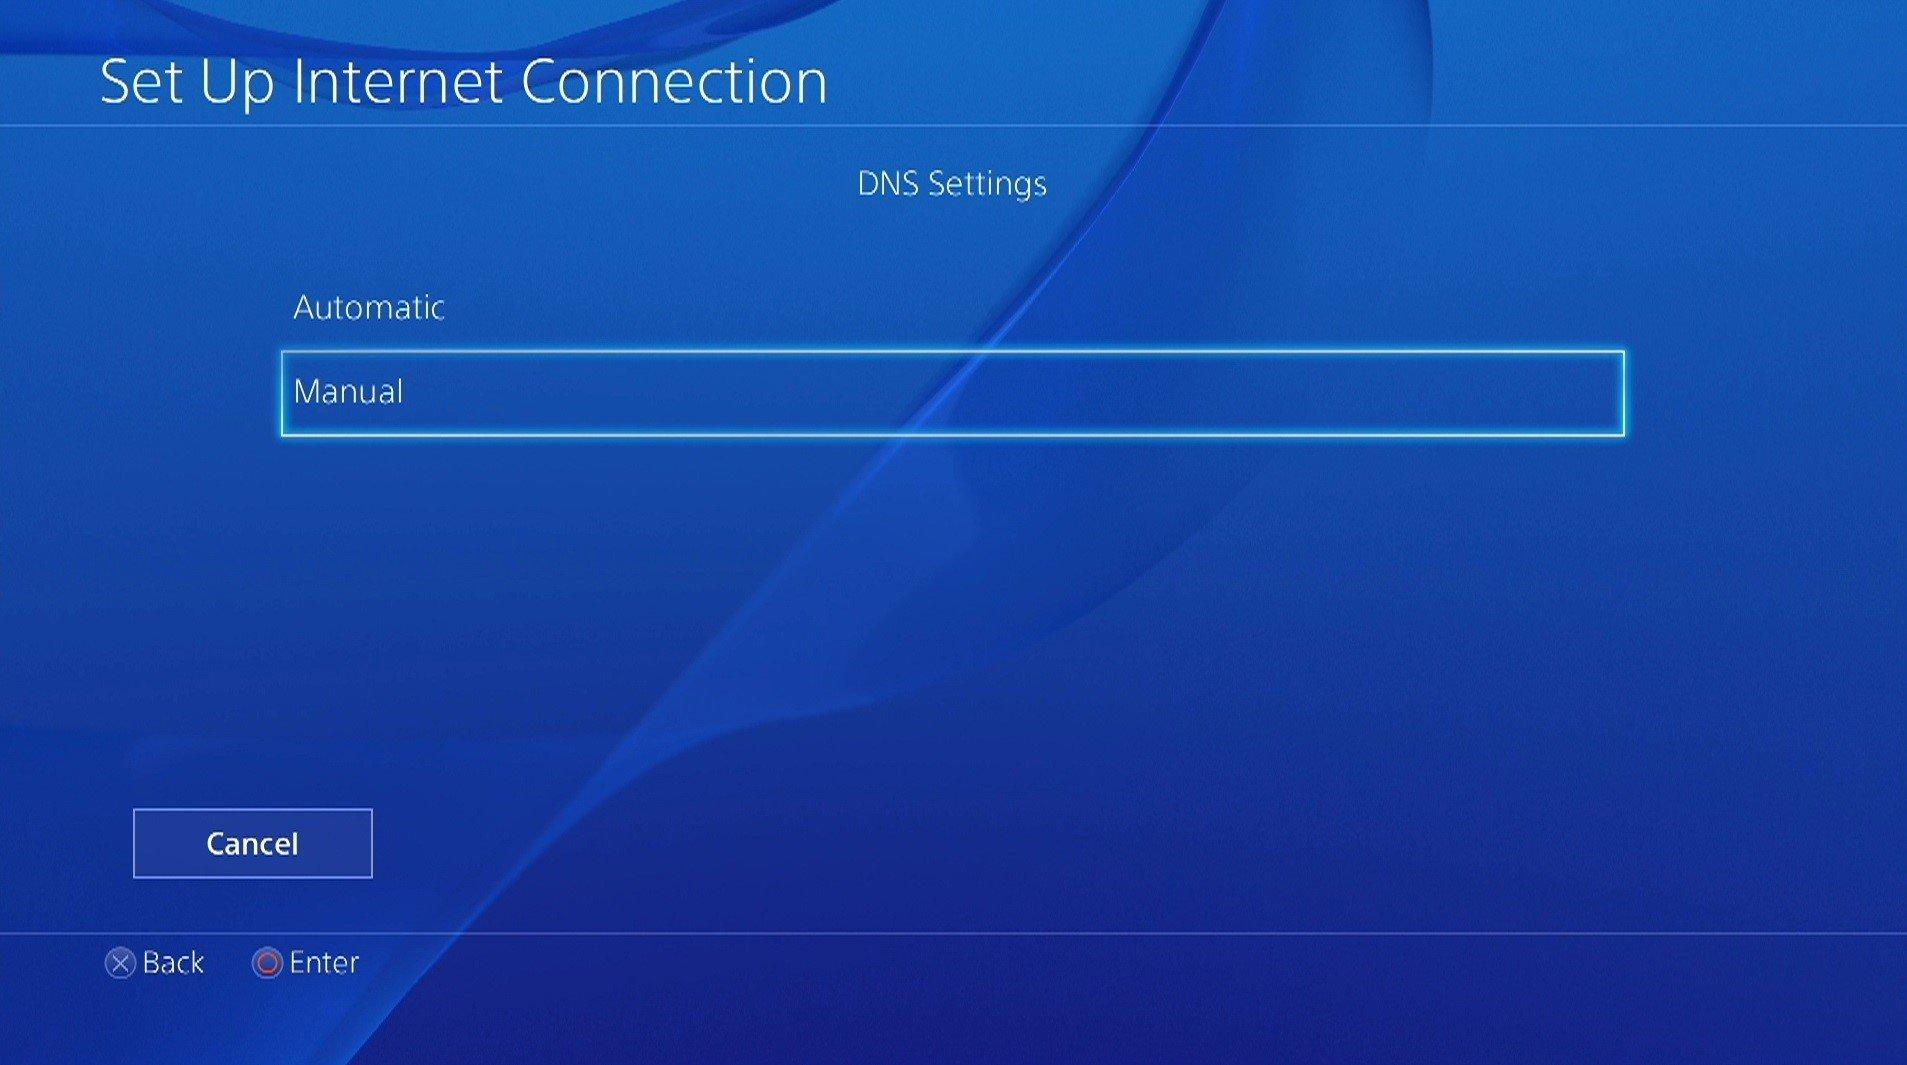 ps4 dns settings menu